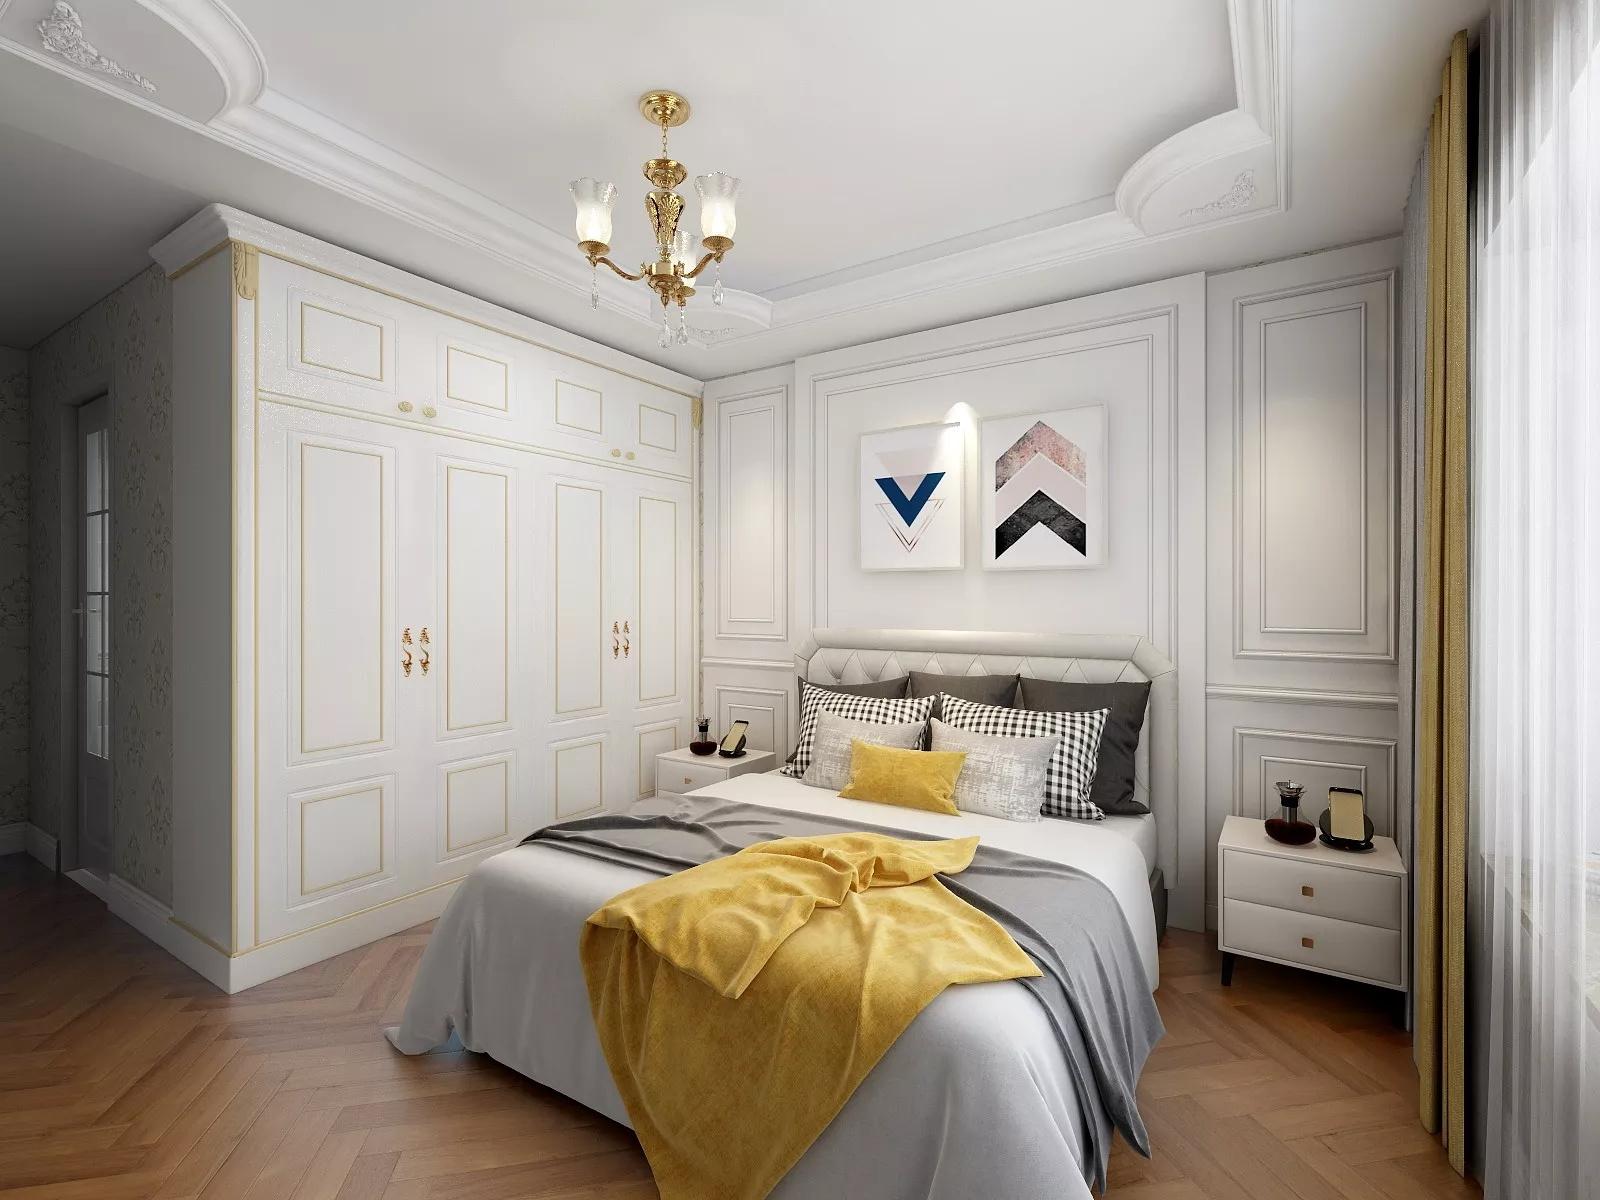 三居室现代美式风格家居装修效果图